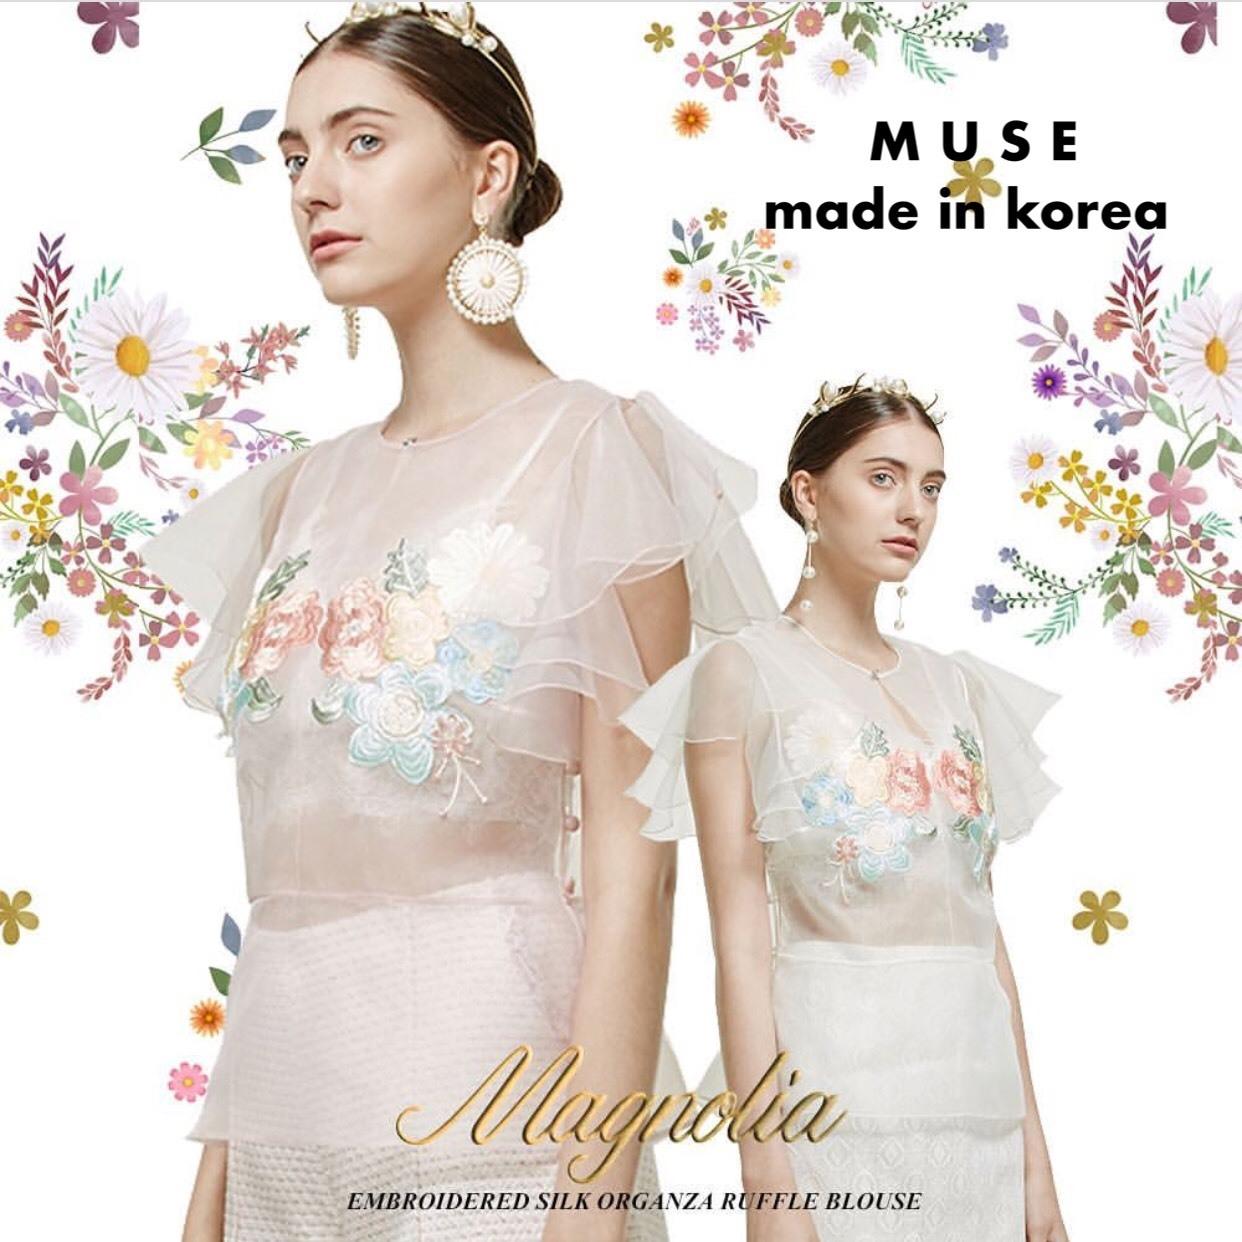 เสื้อผ้าเกาหลีพร้อมส่ง เสื้อซีทรูแขนสั้น ด้านหน้าปักดอกไม้สีสันสดใส